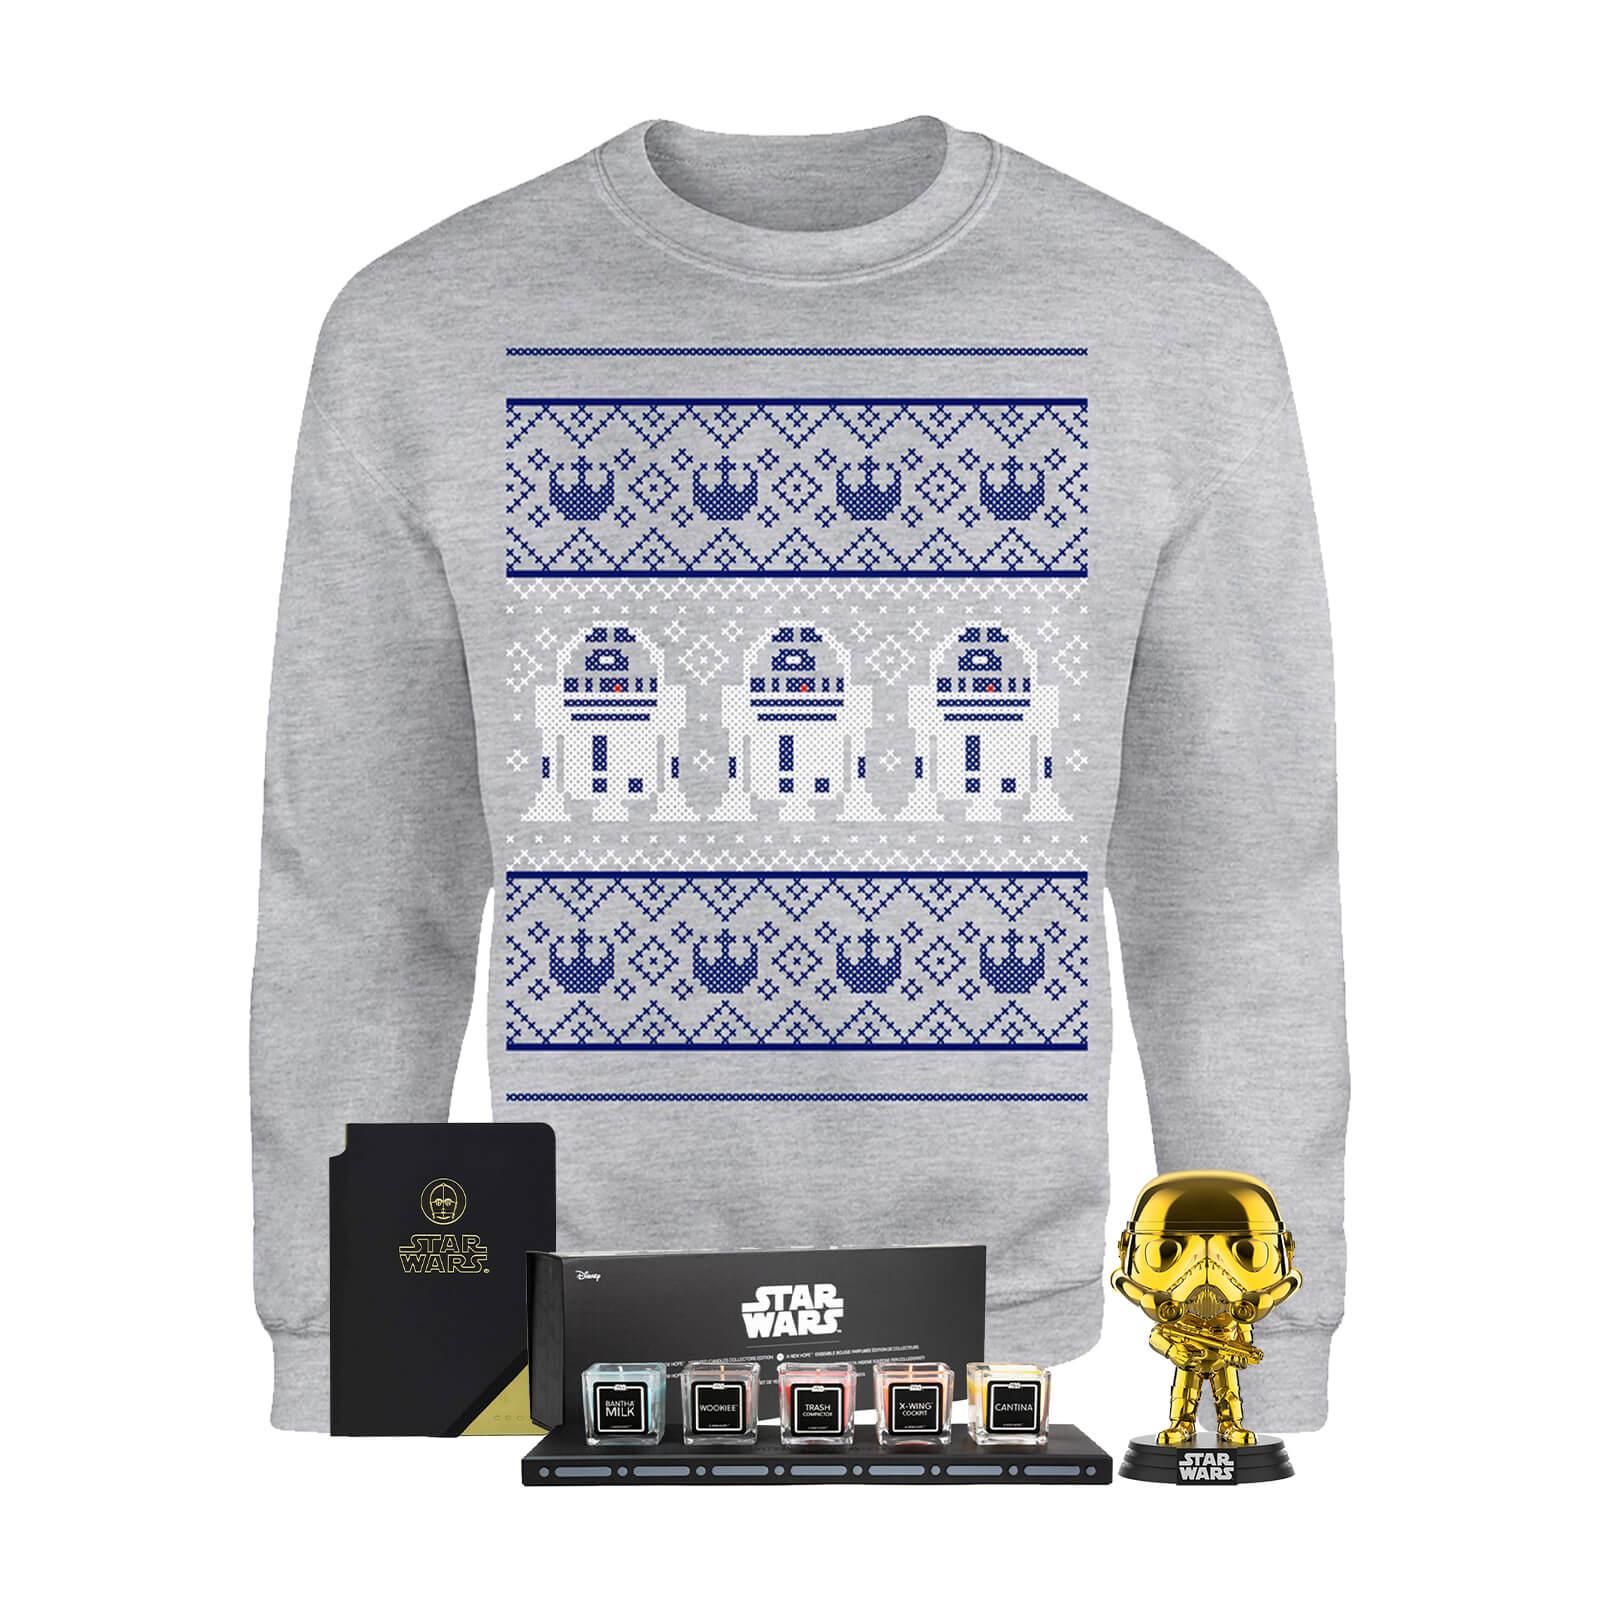 Lot de Noël Star Wars : 1 Pull de Noël (du S au XXL) + 1 lot de 5 bougies Star Wars + 1 Pop + 1 Notebook officiel